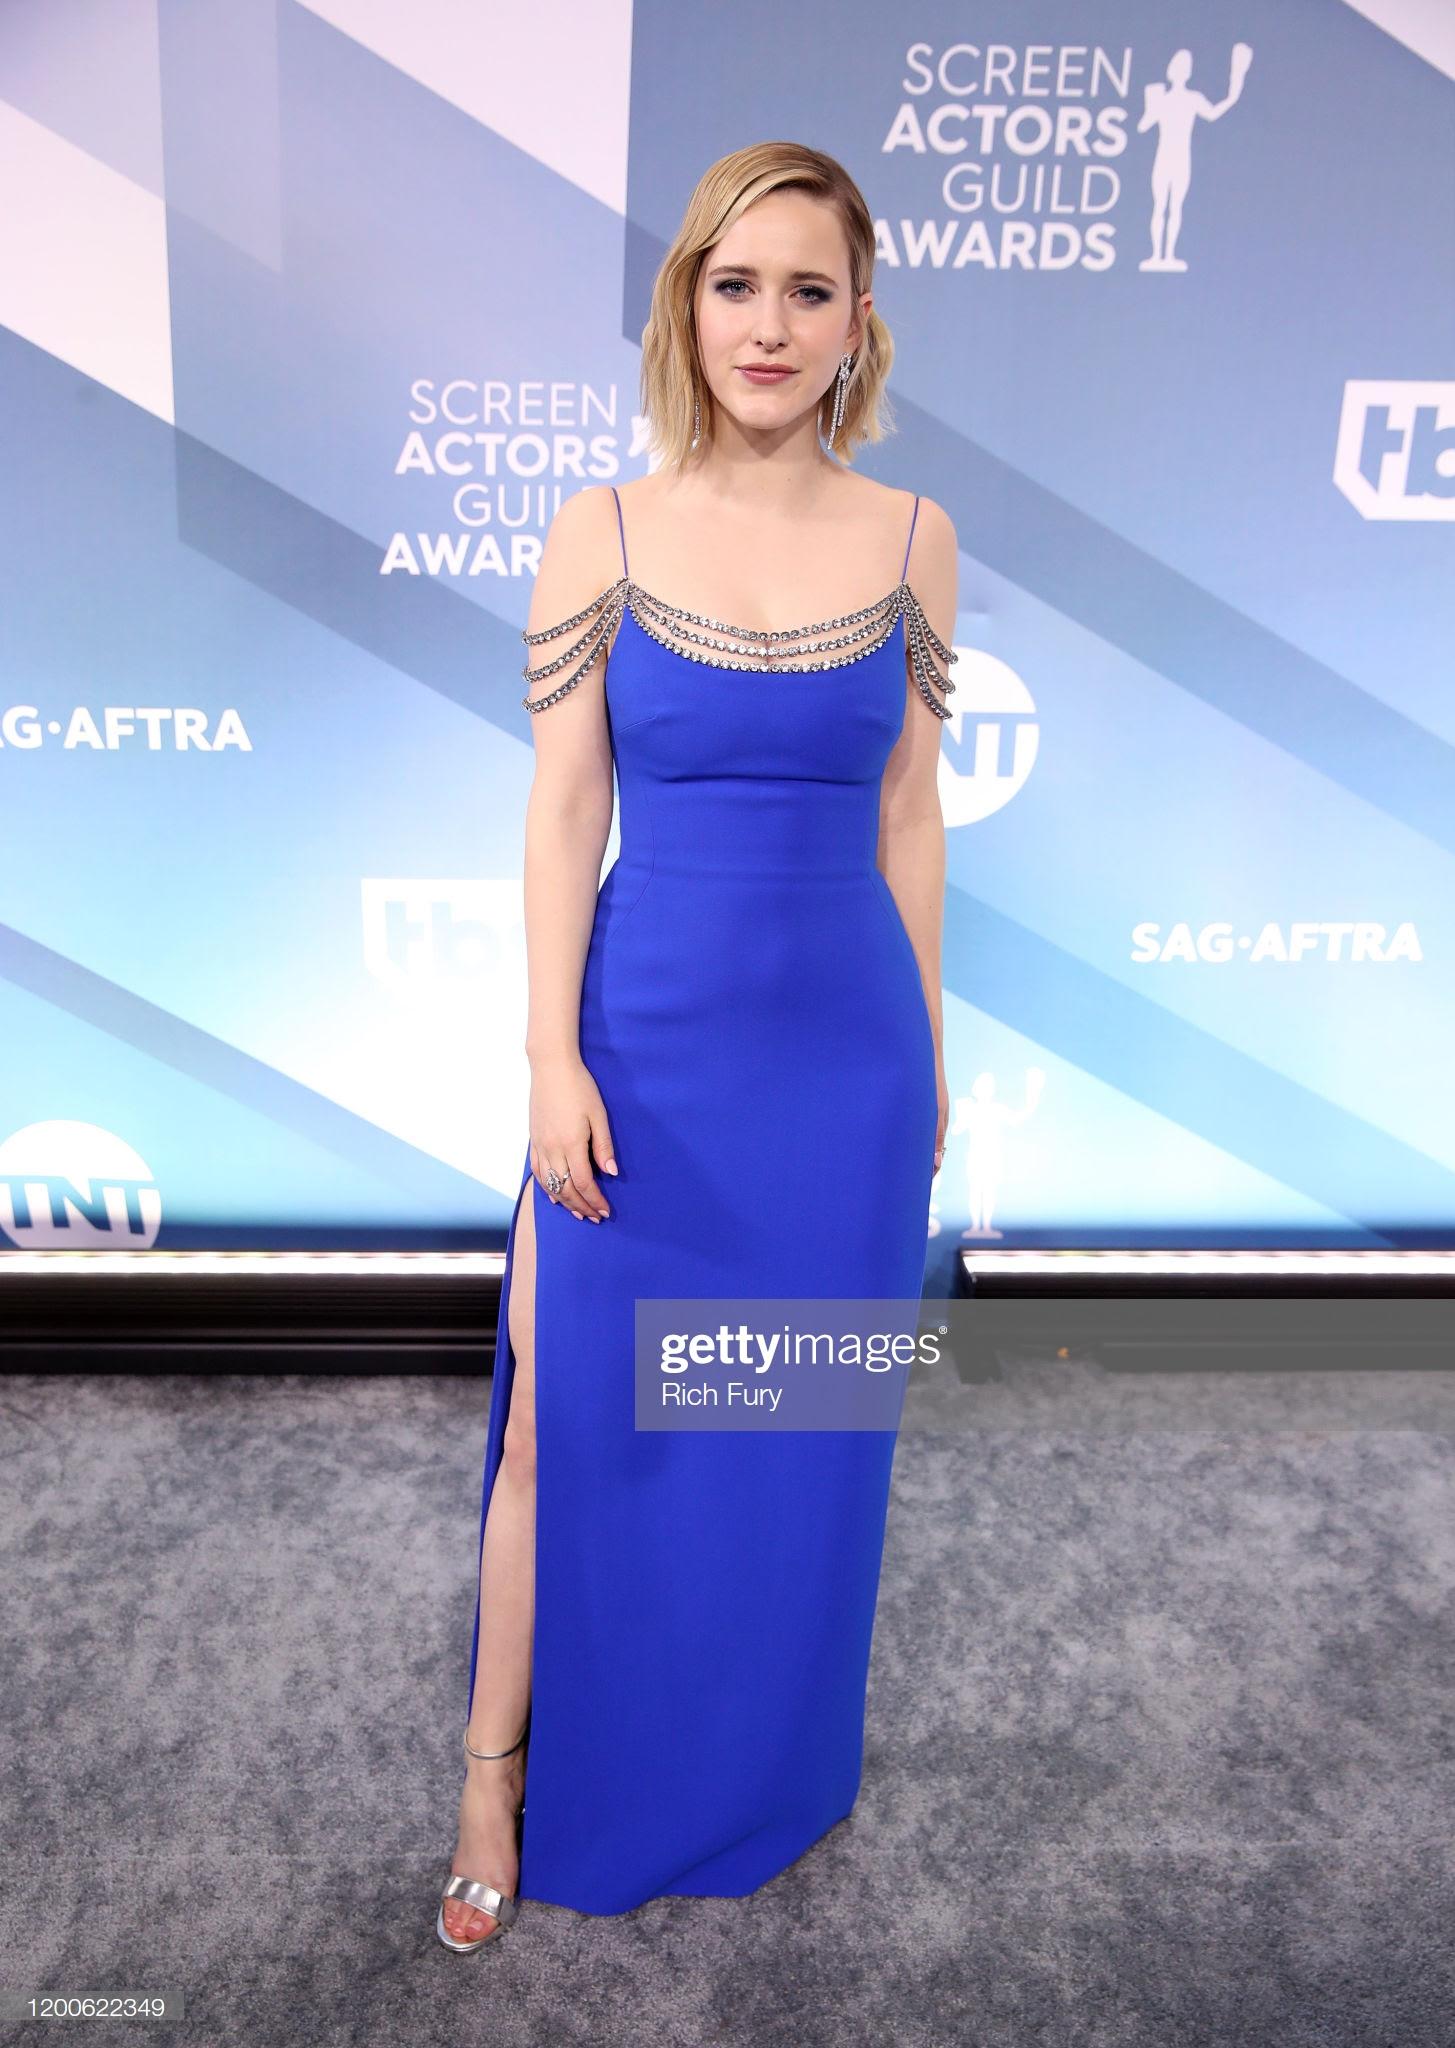 """617eb007 5bc8 40b2 8d1f b916415bb558 - Screen Actors Guild Awards"""" 2020: Scarlett Johansson y Leonardo Dicaprio entre las celebrities que lucieron Jimmy Choo"""